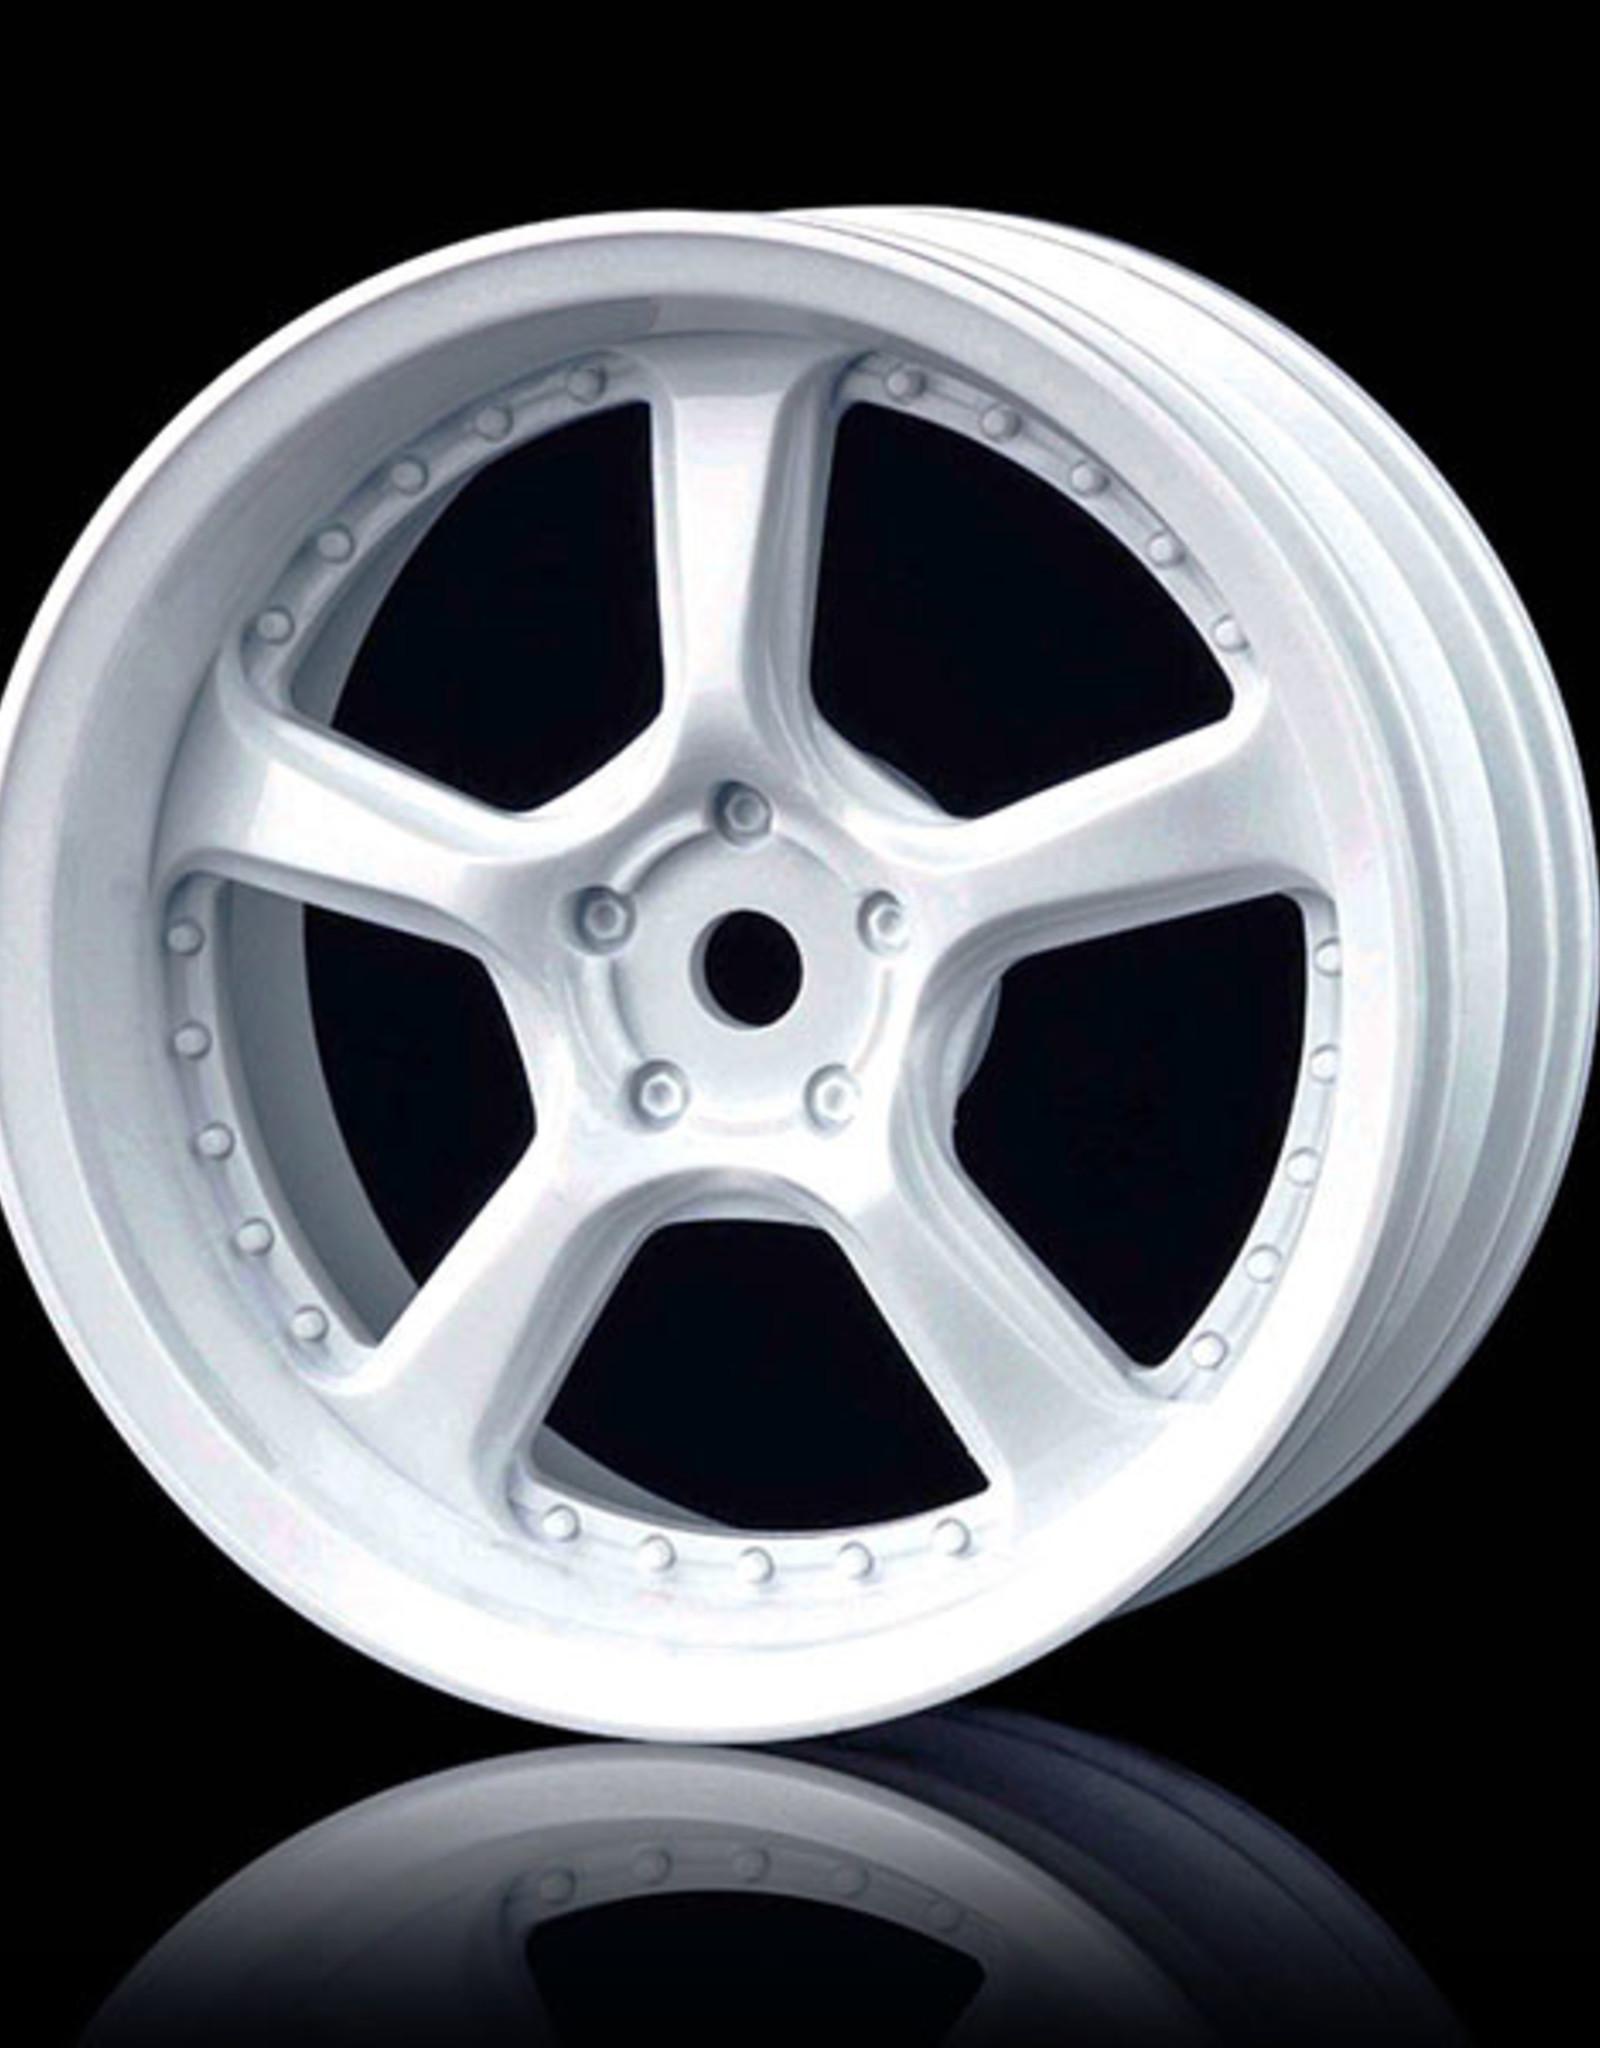 MST Kairos Wheel by MST White 3mm